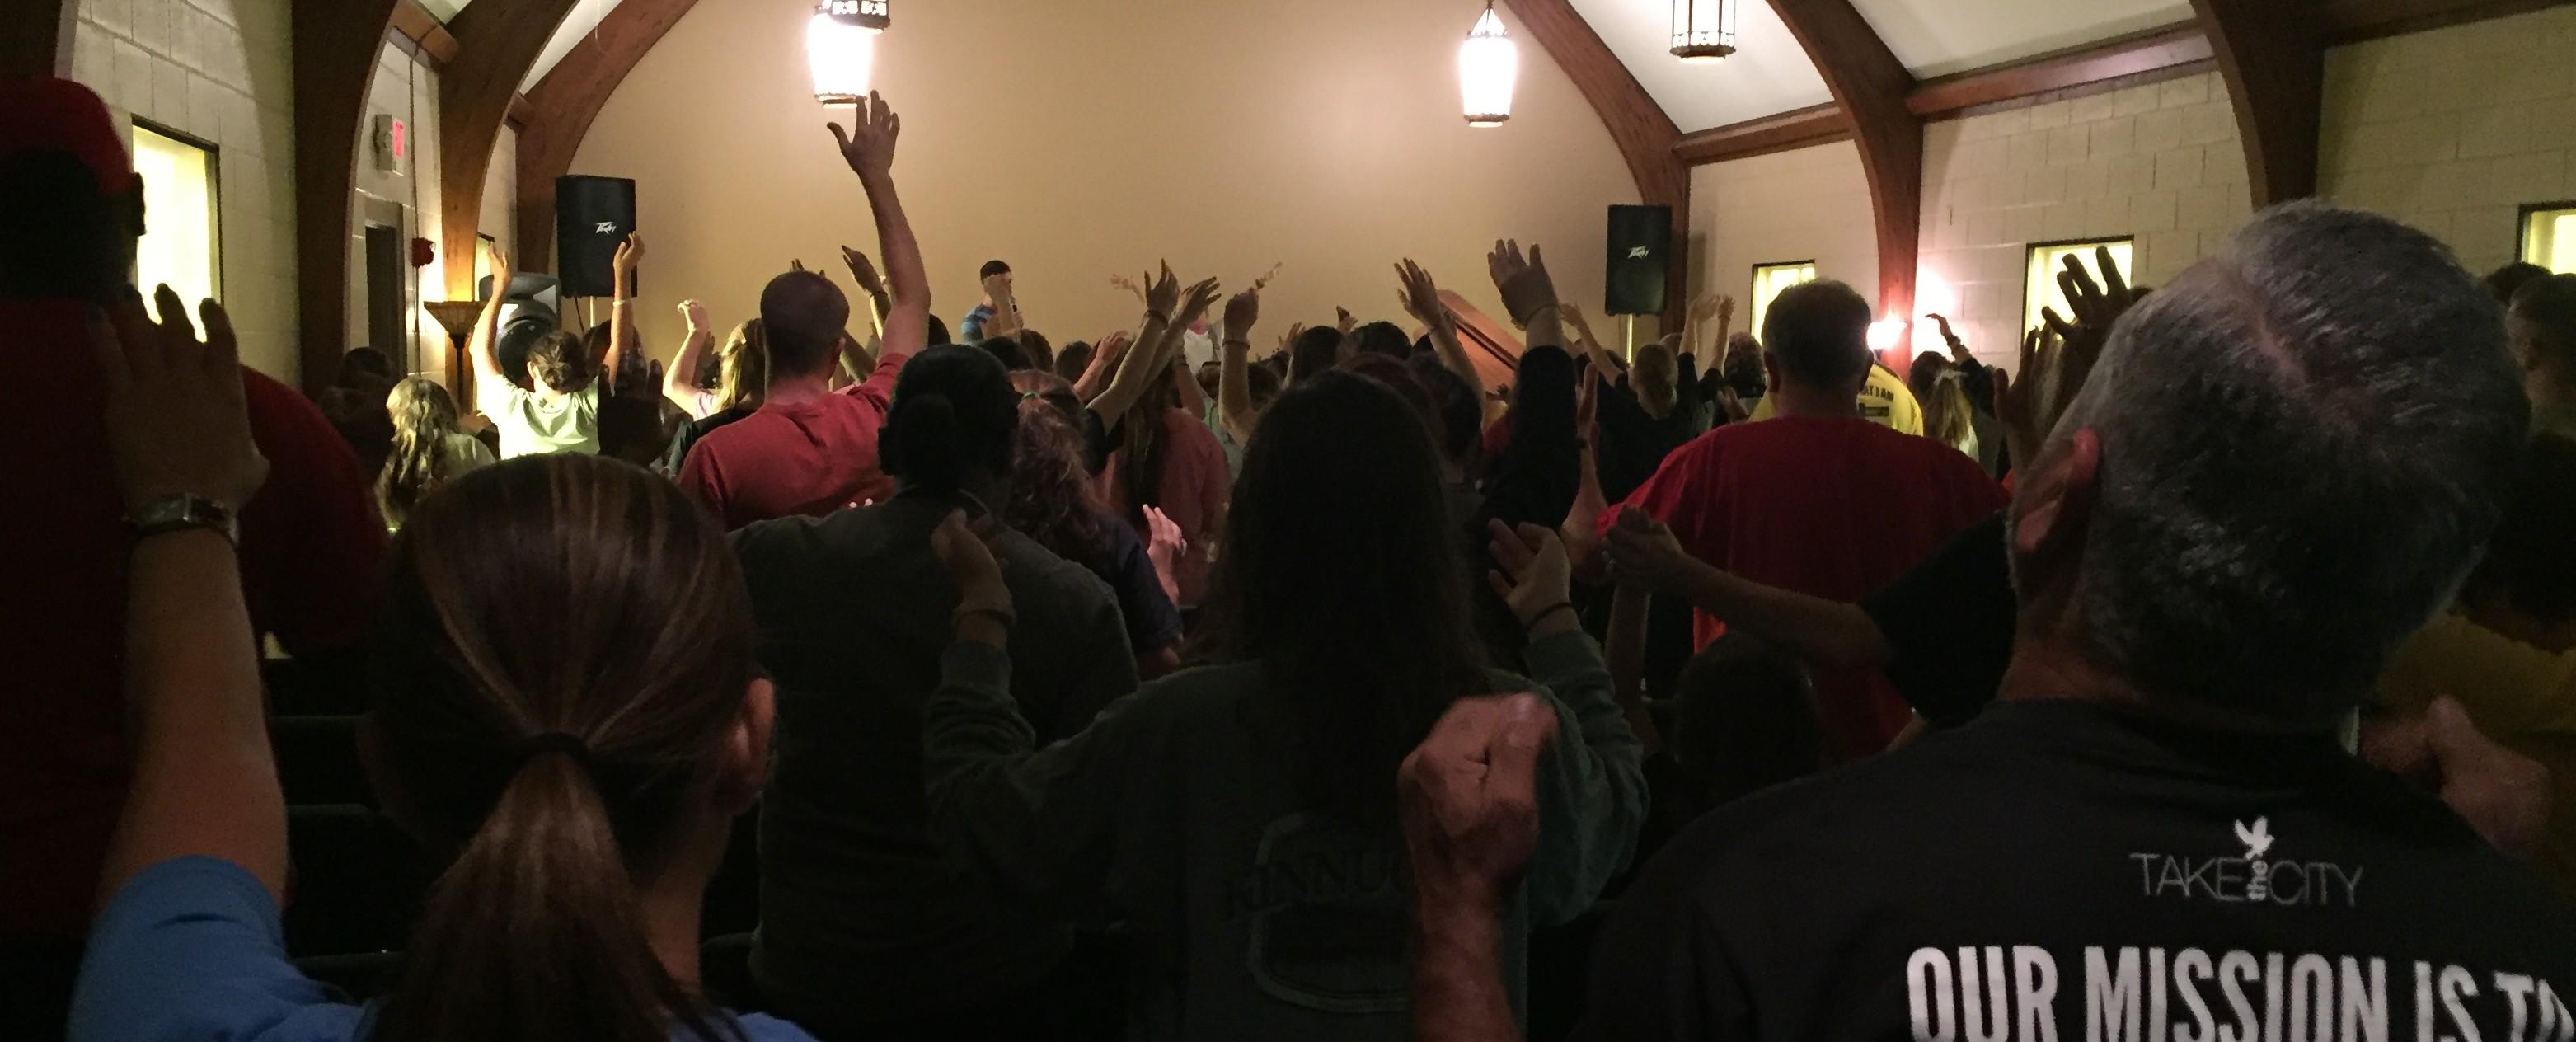 outreach evangelism